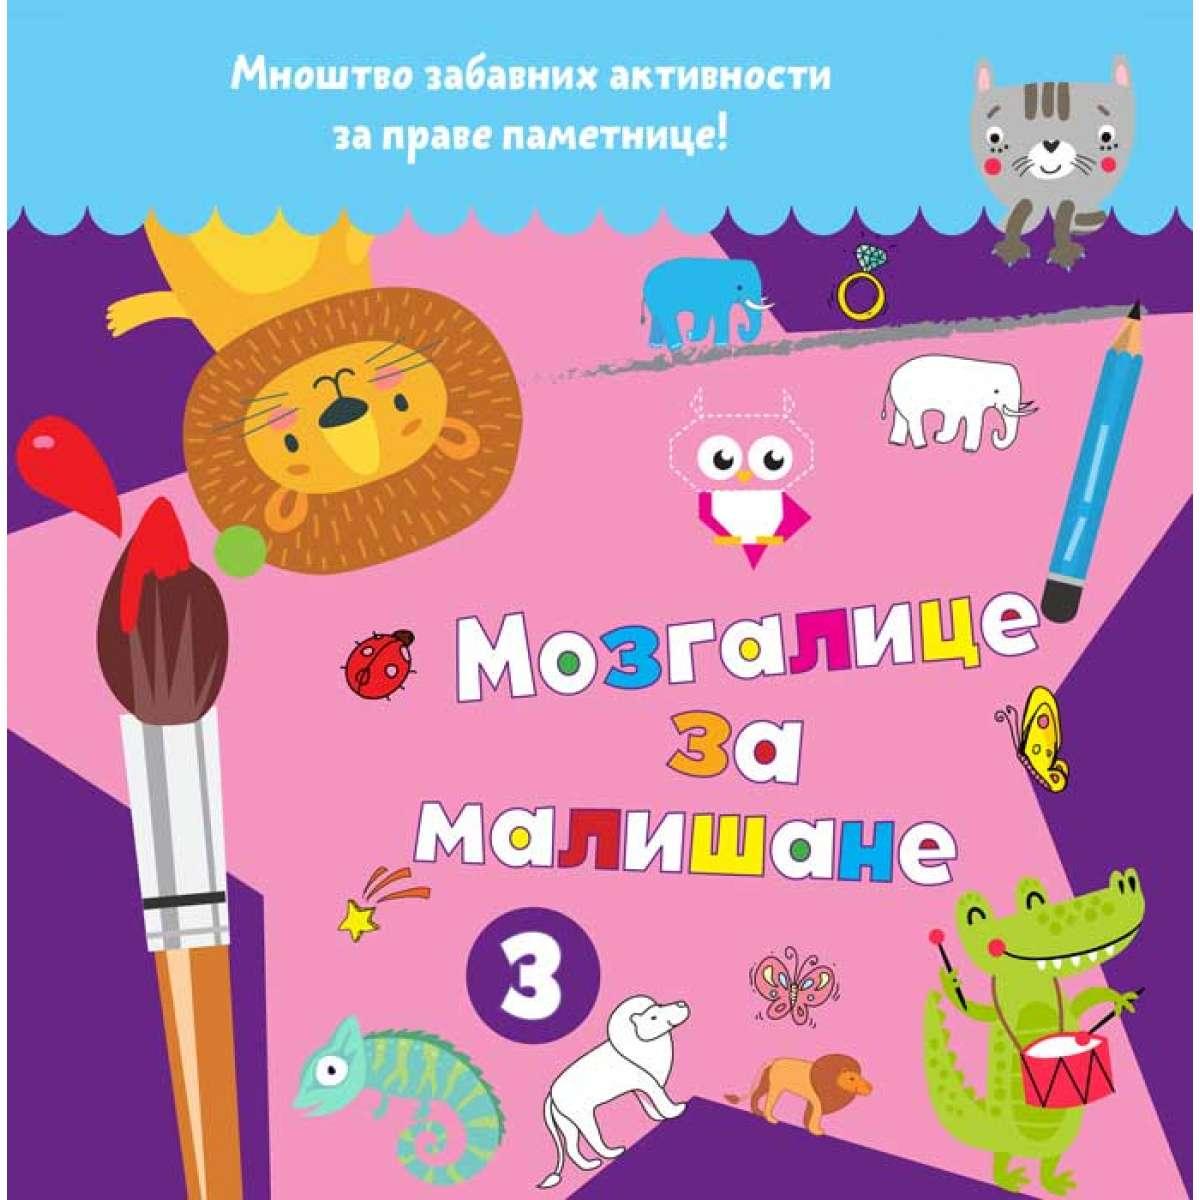 Mozgalice za mališane 3